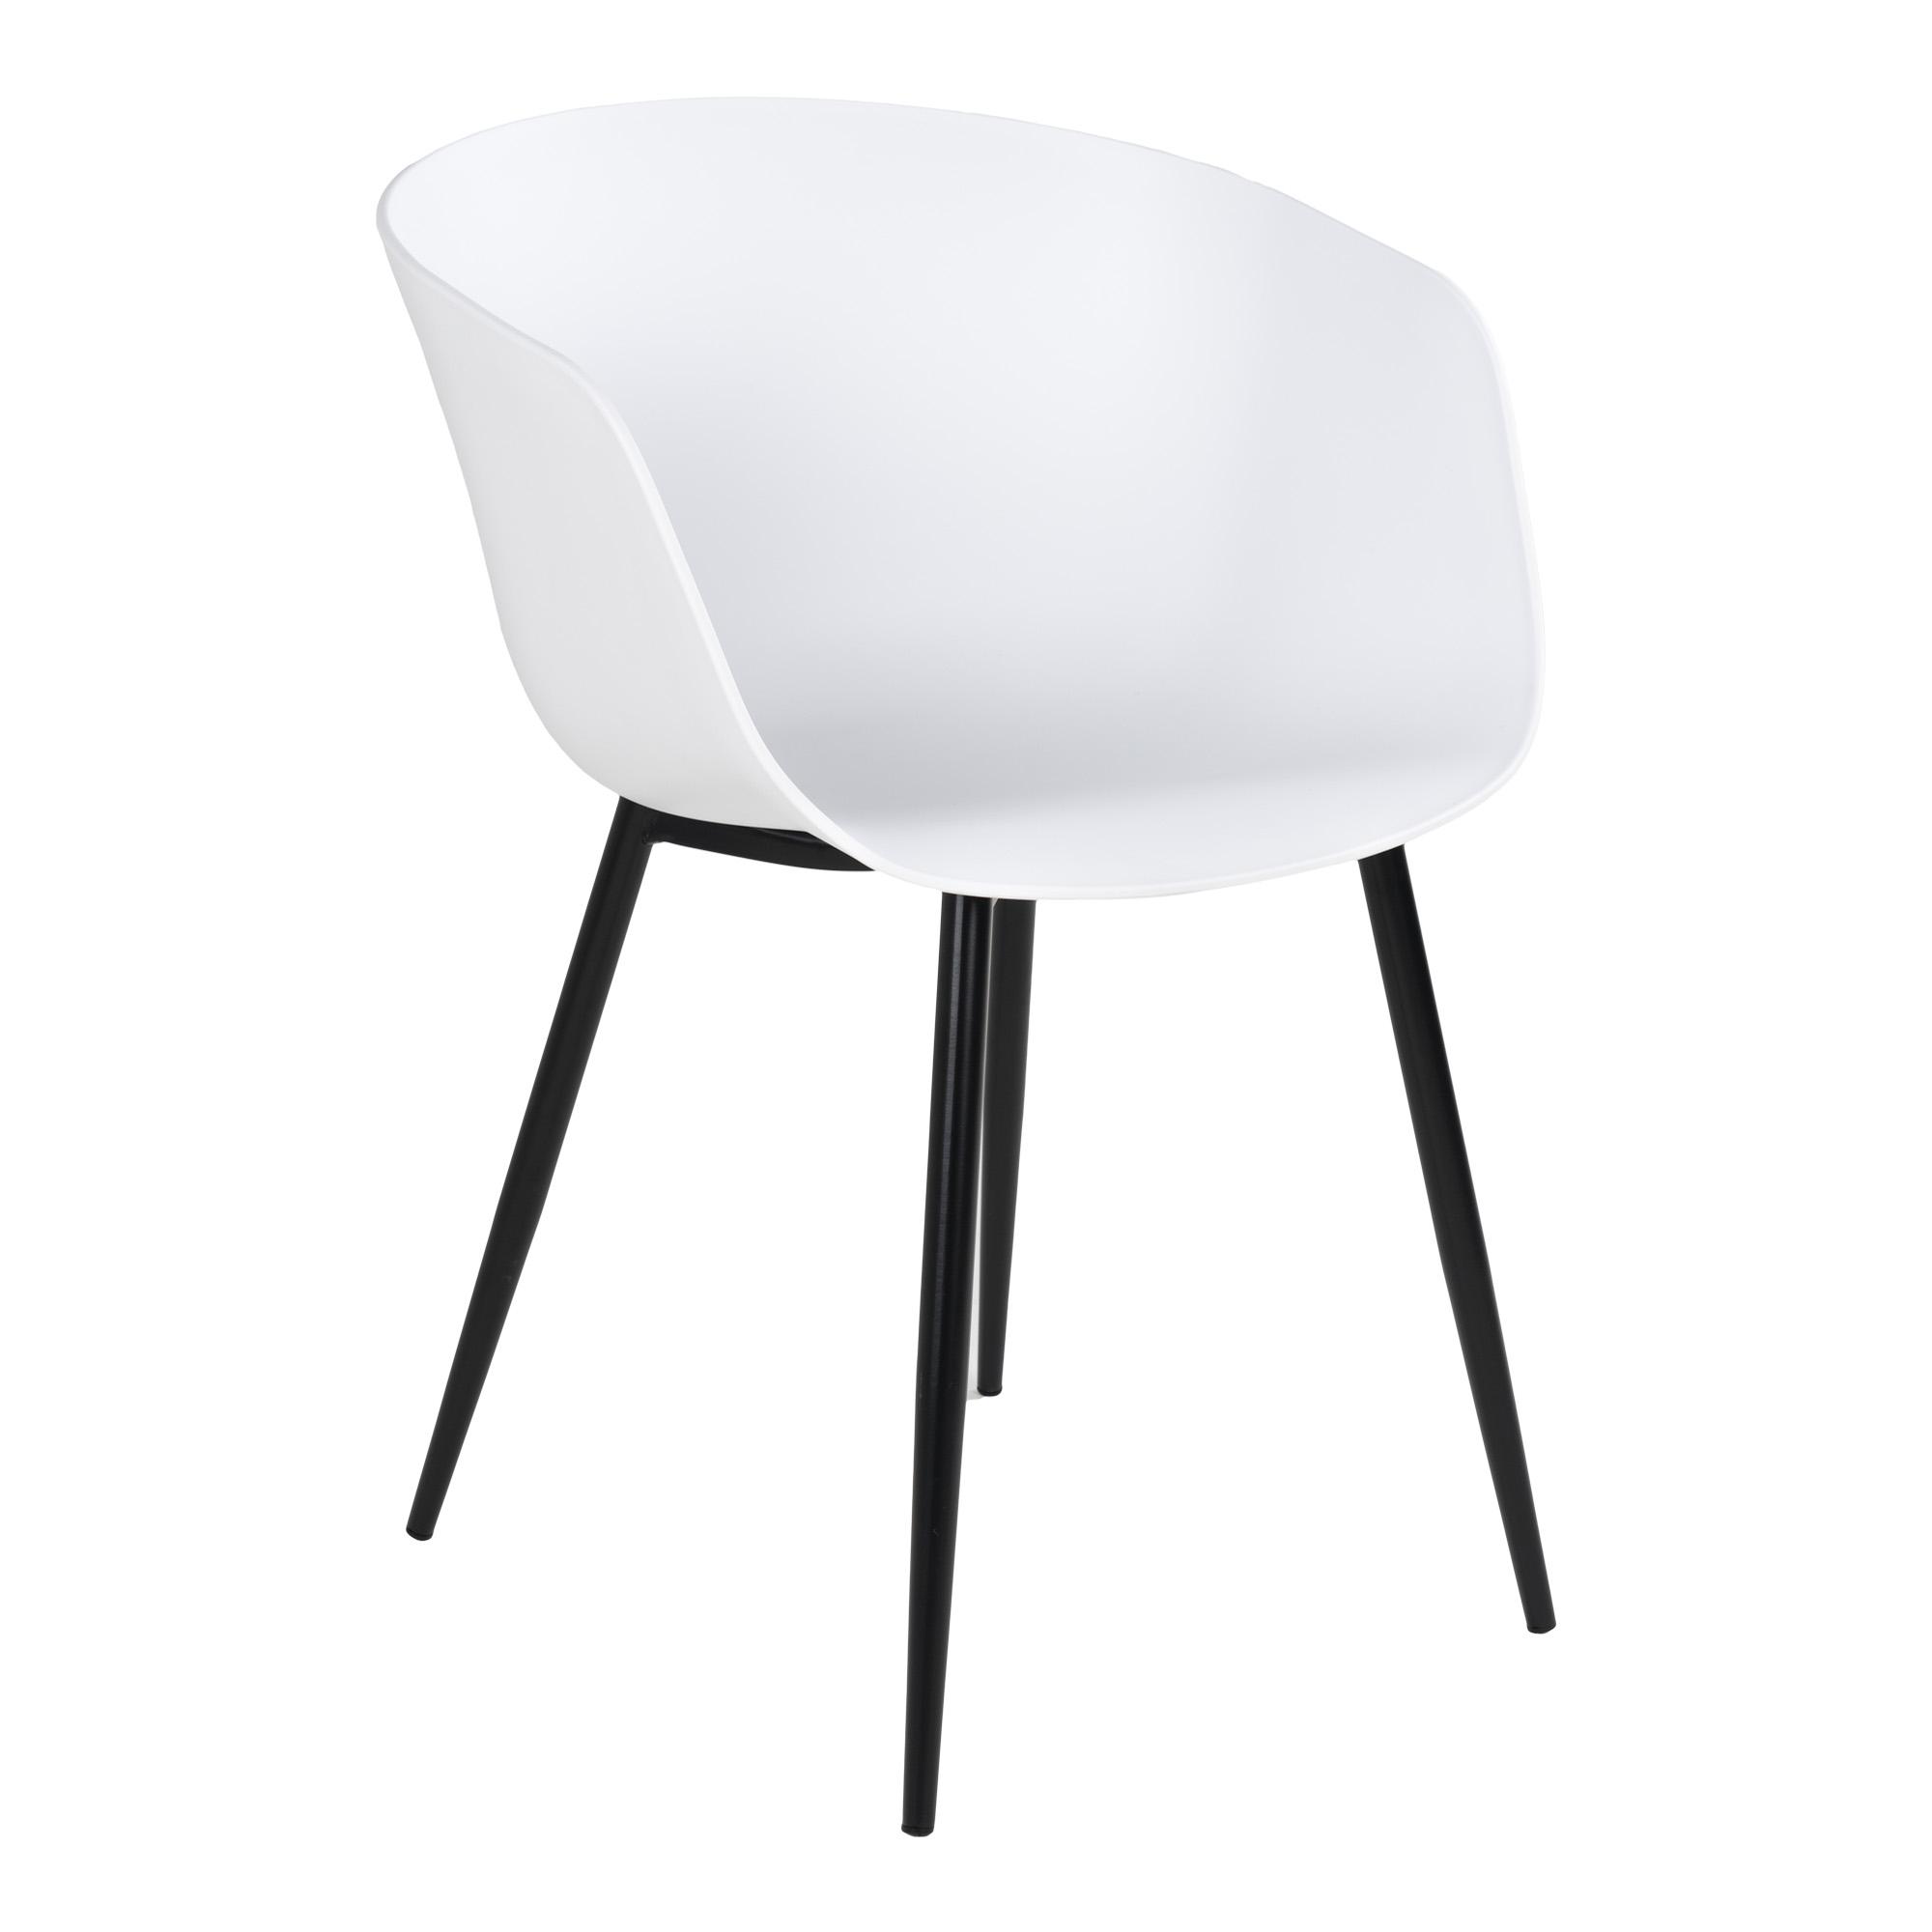 HOUSE NORDIC Roda spisebordsstol, m. armlæn - hvid plastik og sort stål